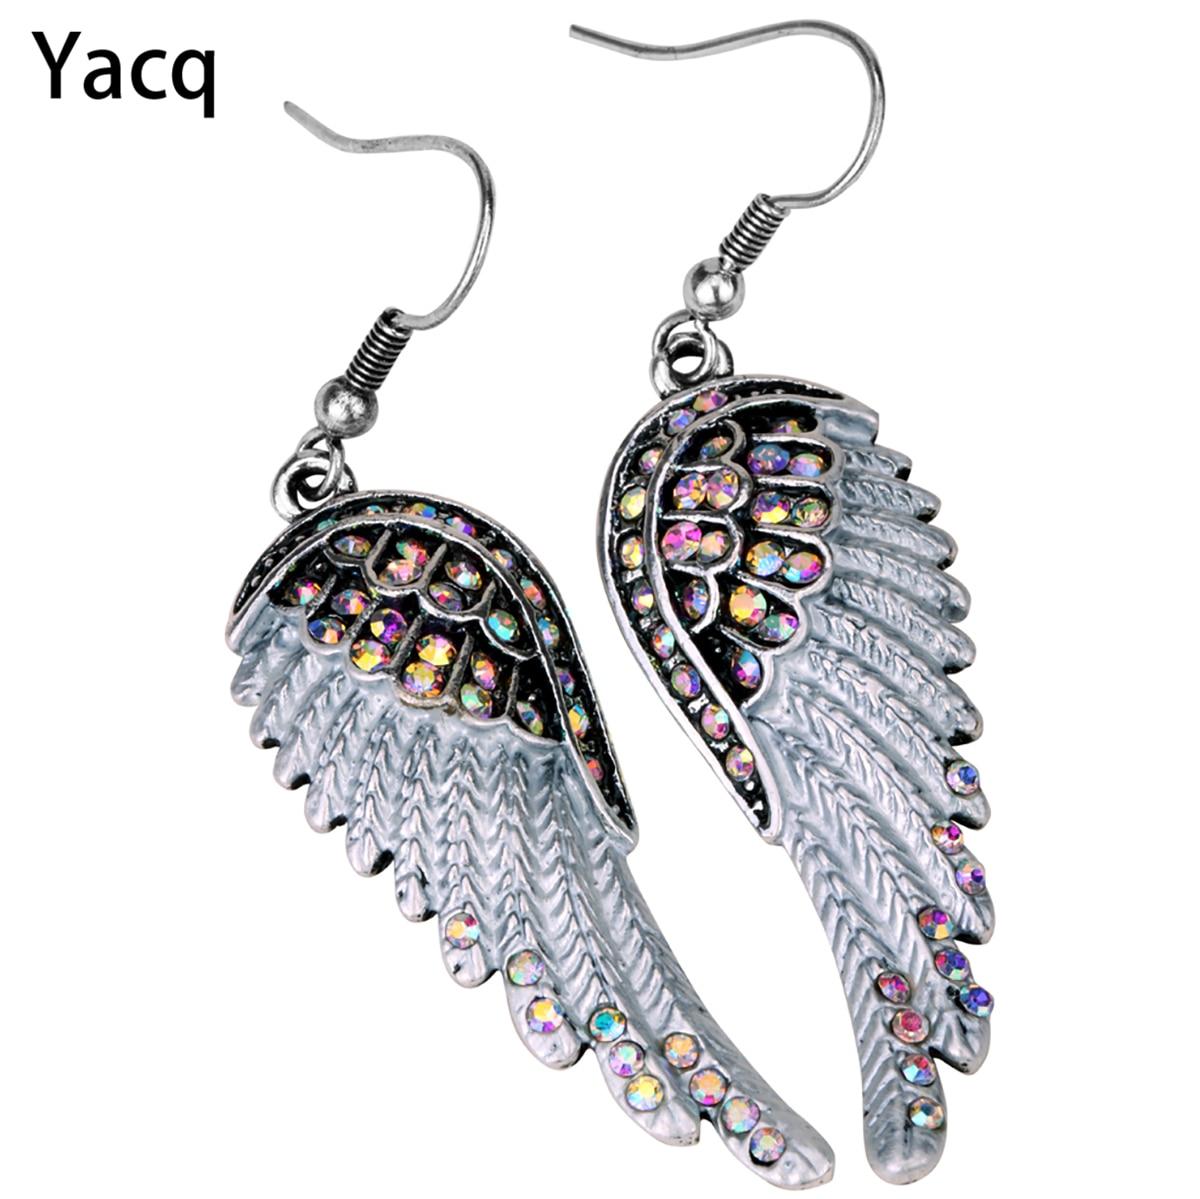 Engel vinger dingle øreringe antik guld sølv farve W krystal - Mode smykker - Foto 1